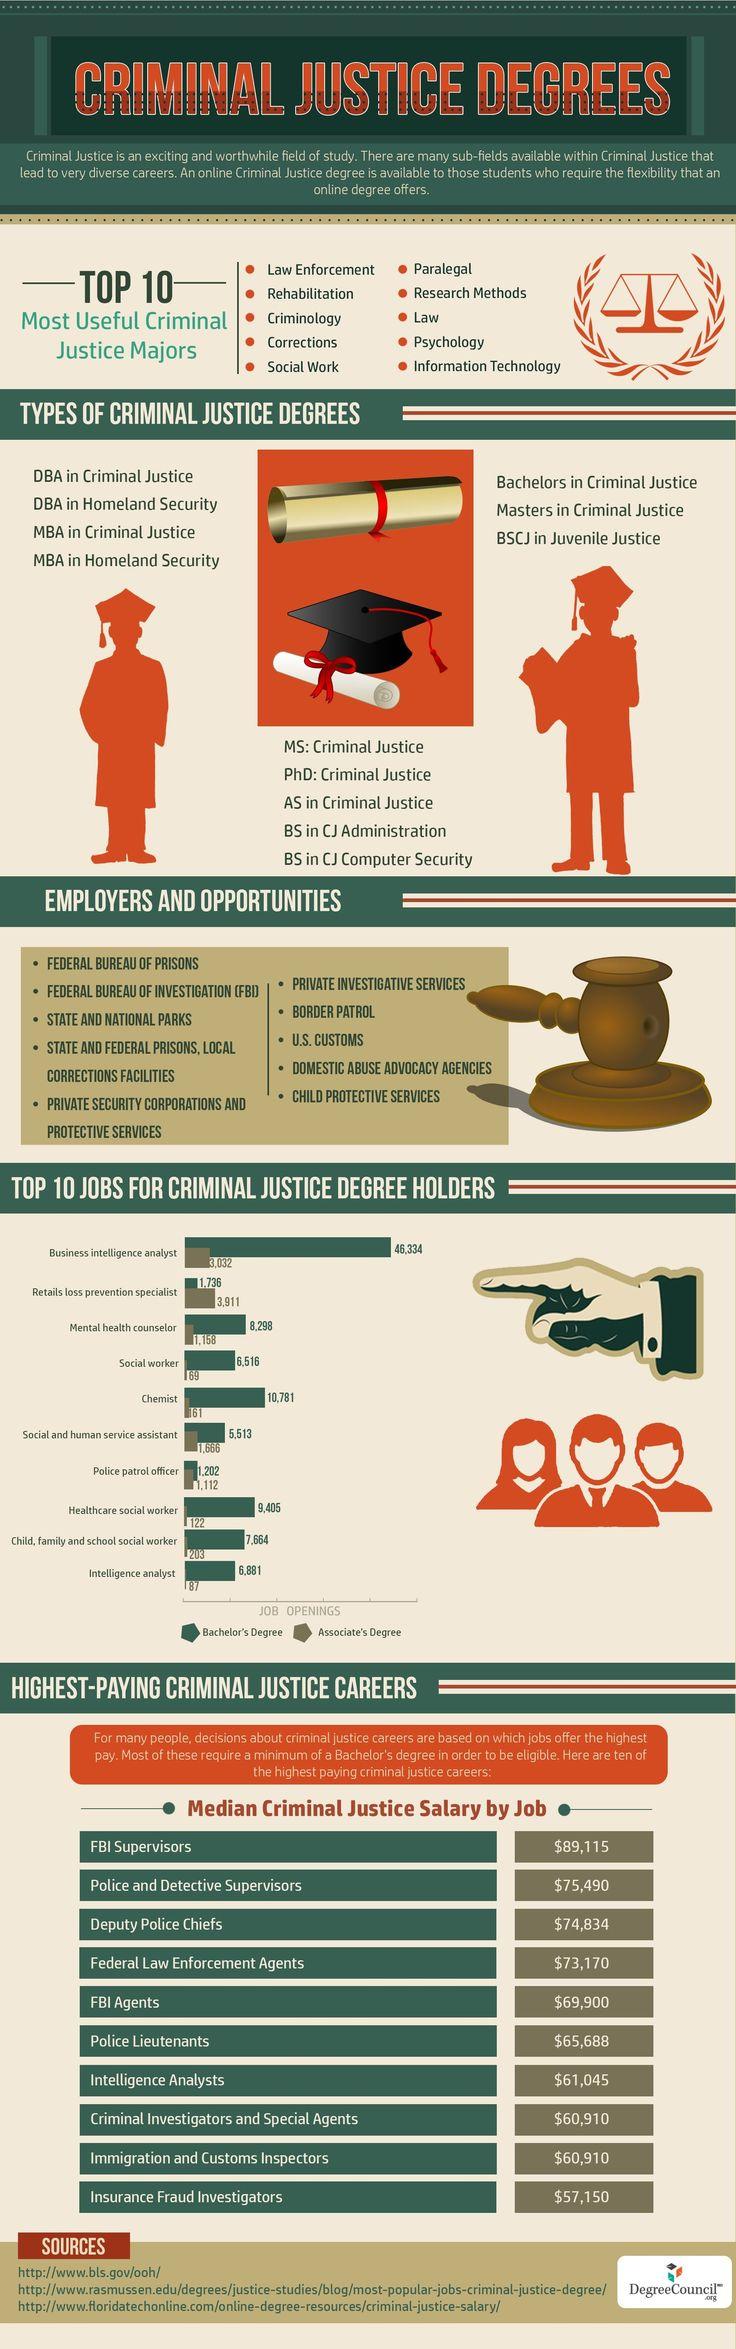 17+ Criminal Justice Degree Jobs and Schools Programs